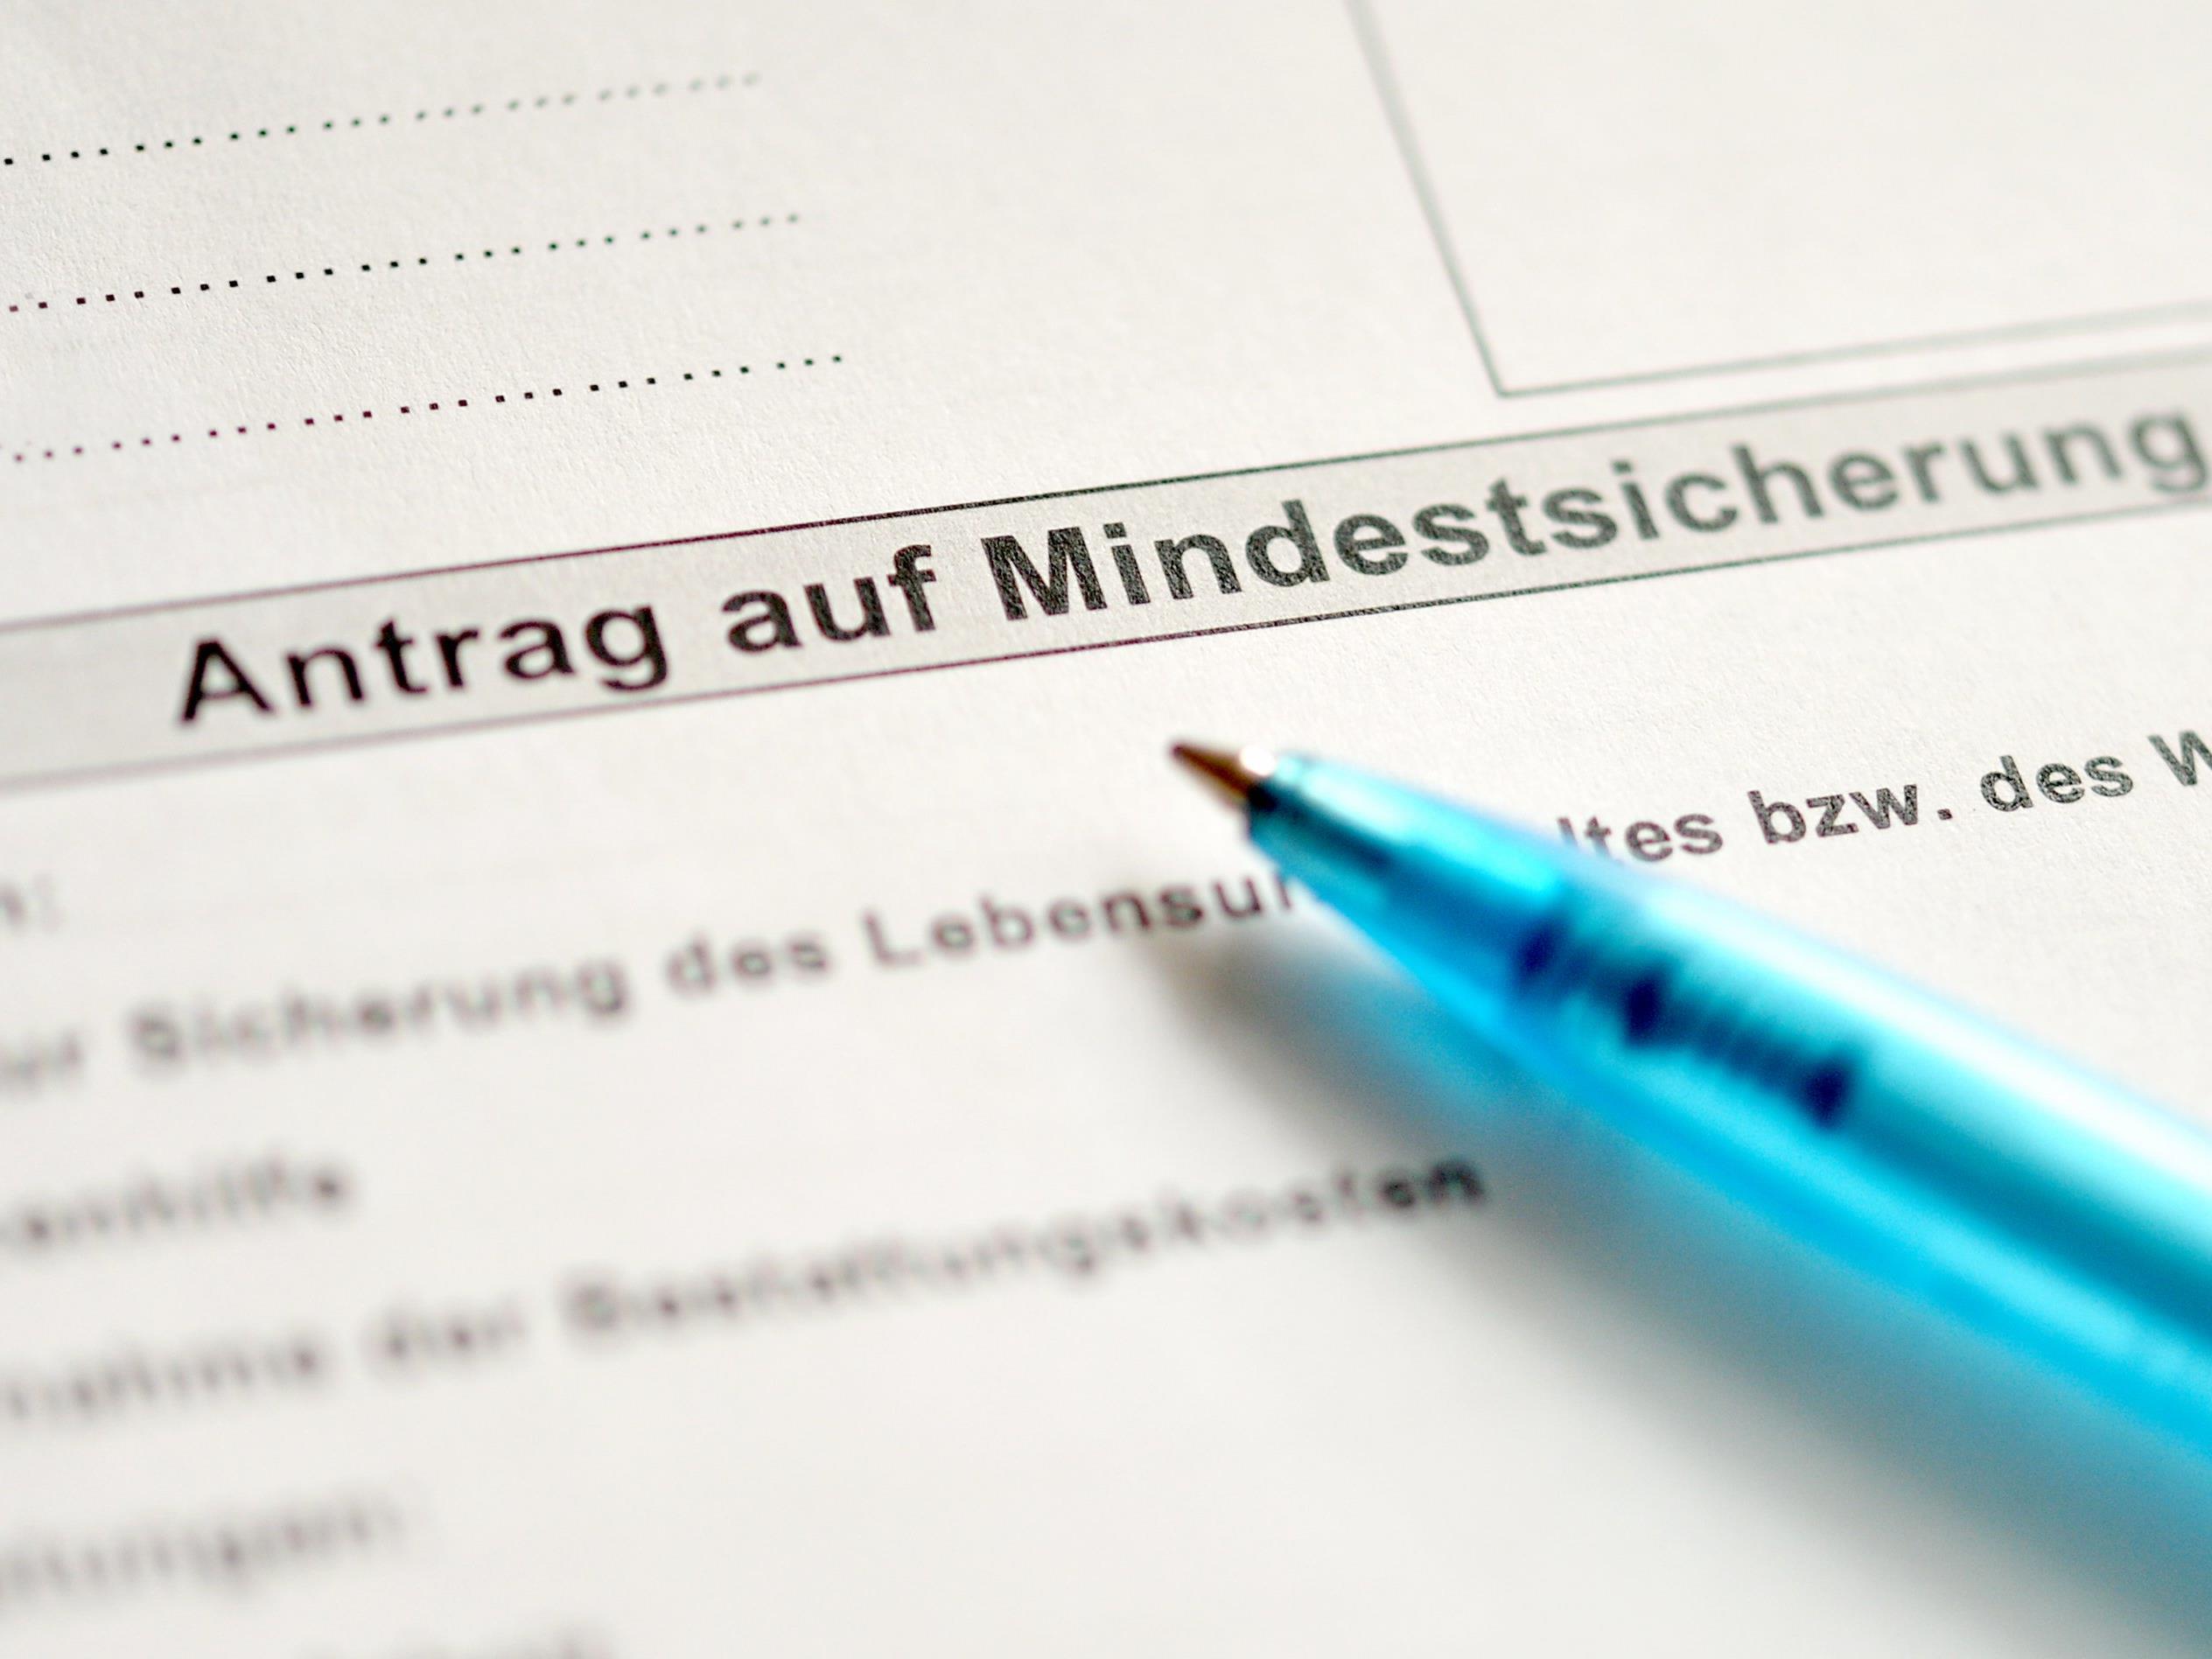 Land Niederösterreich und Vizekanzler Miterlehner sträuben sich gegen die Begutachtung.